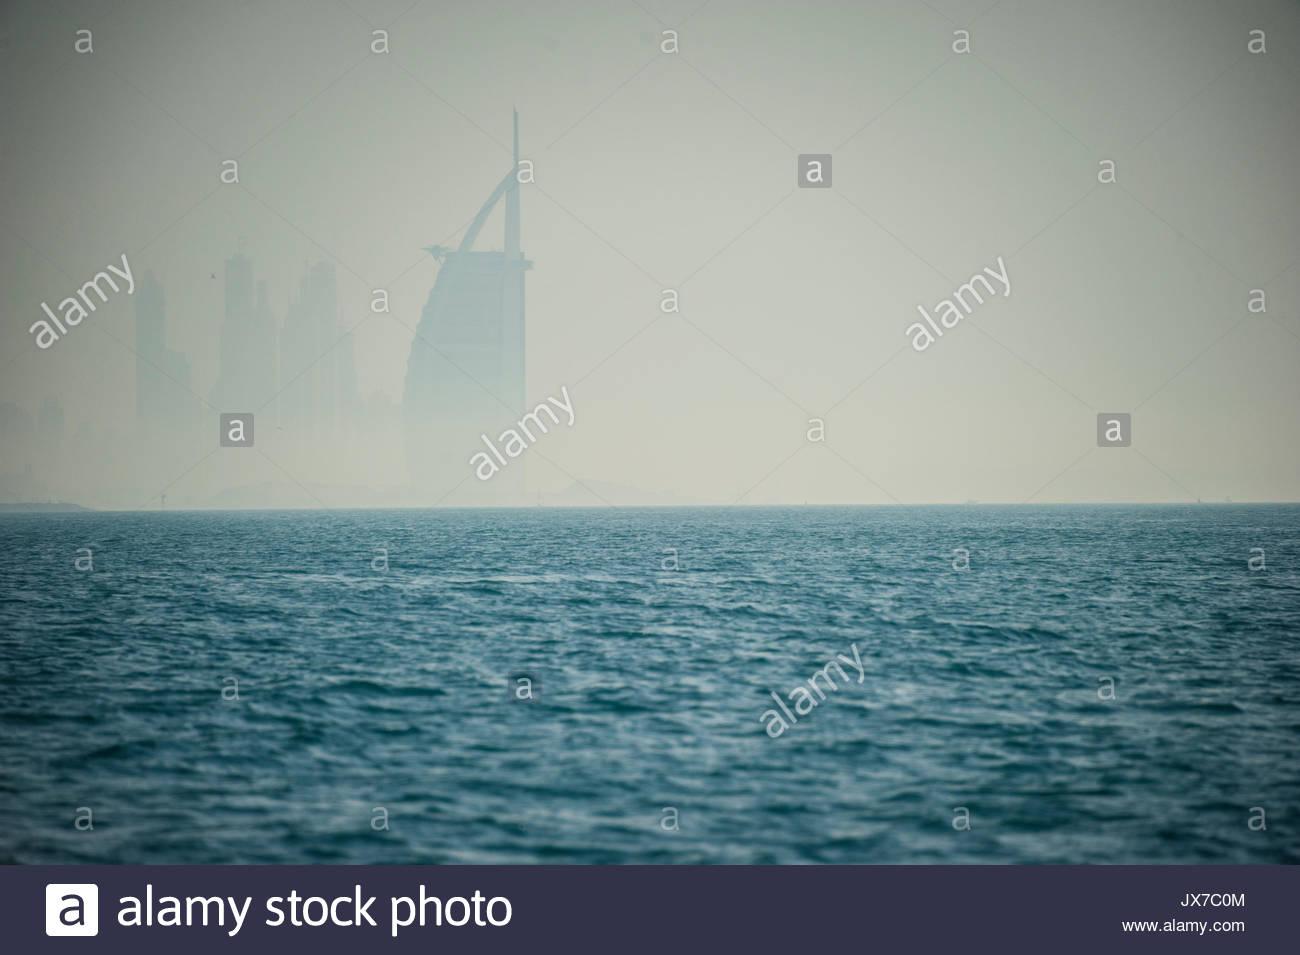 Le gratte-ciel Burj Al Arab se lève au large de la côte de Dubaï. Photo Stock